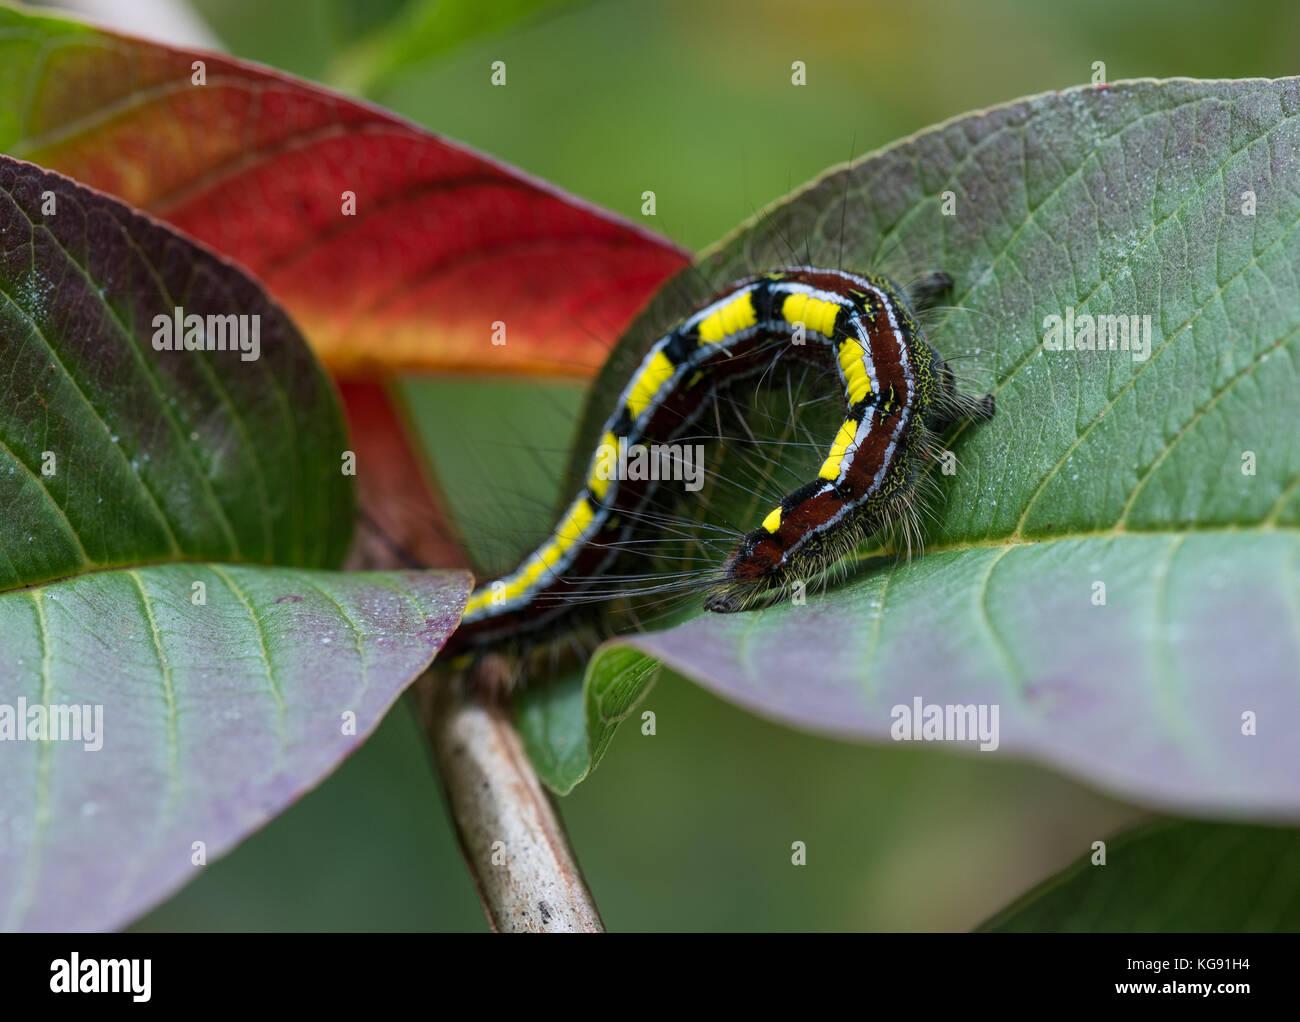 Colorful hairy caterpillar (Borocera cajani) on green leaves. Andasibe -Mantadia National Park. Madagascar, Africa. - Stock Image